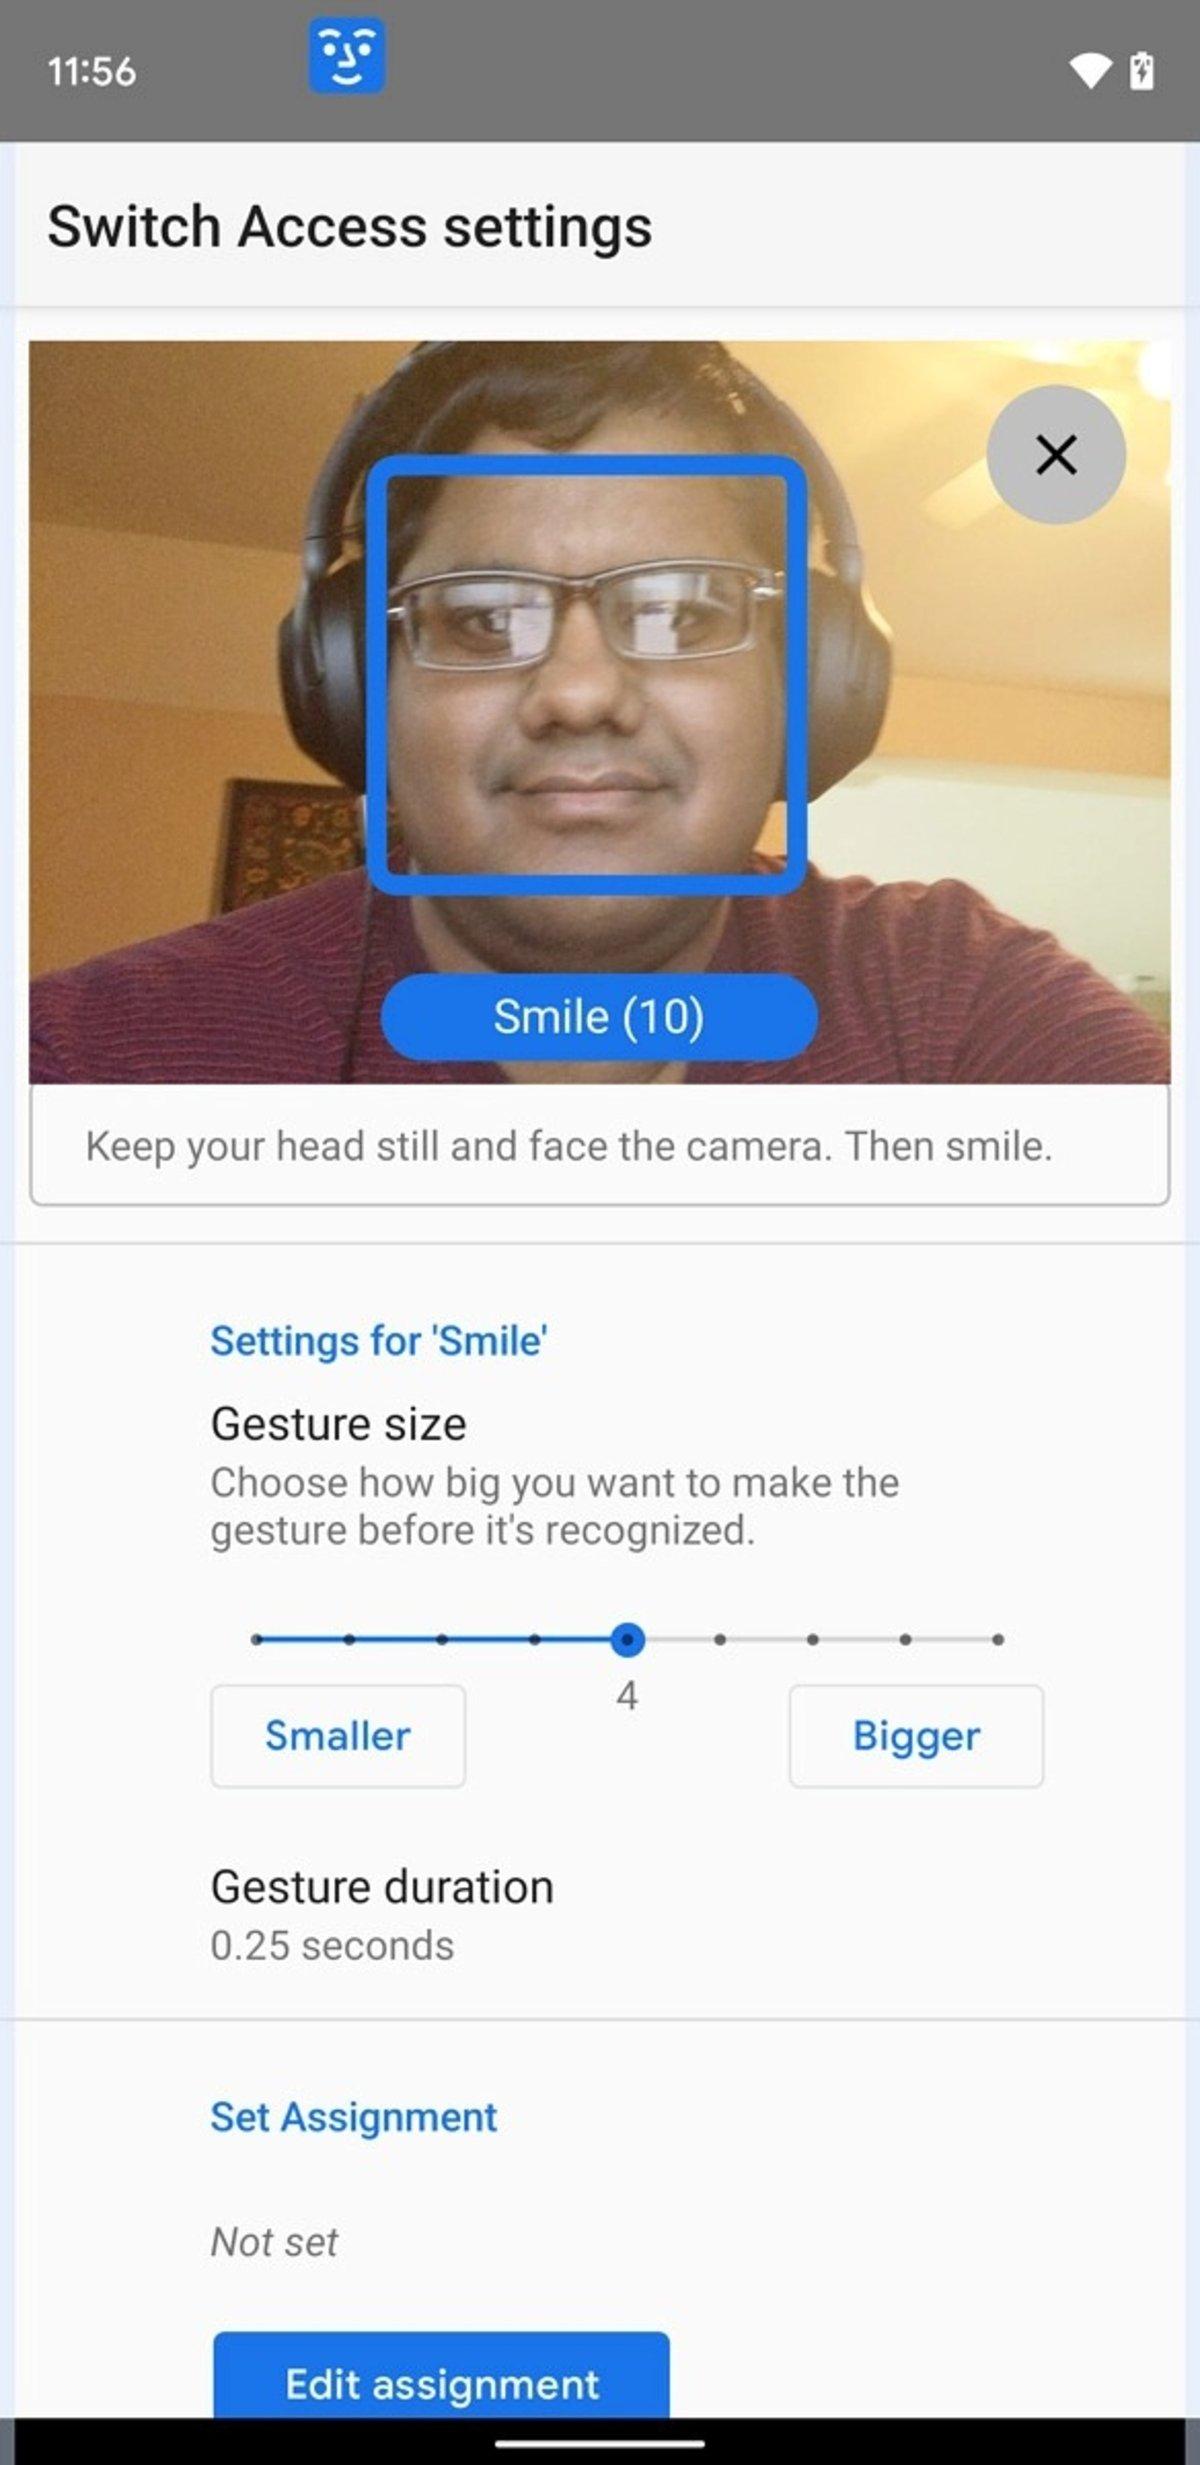 Contrôlez votre mobile avec votre visage : c'est l'une des dernières fonctions Android